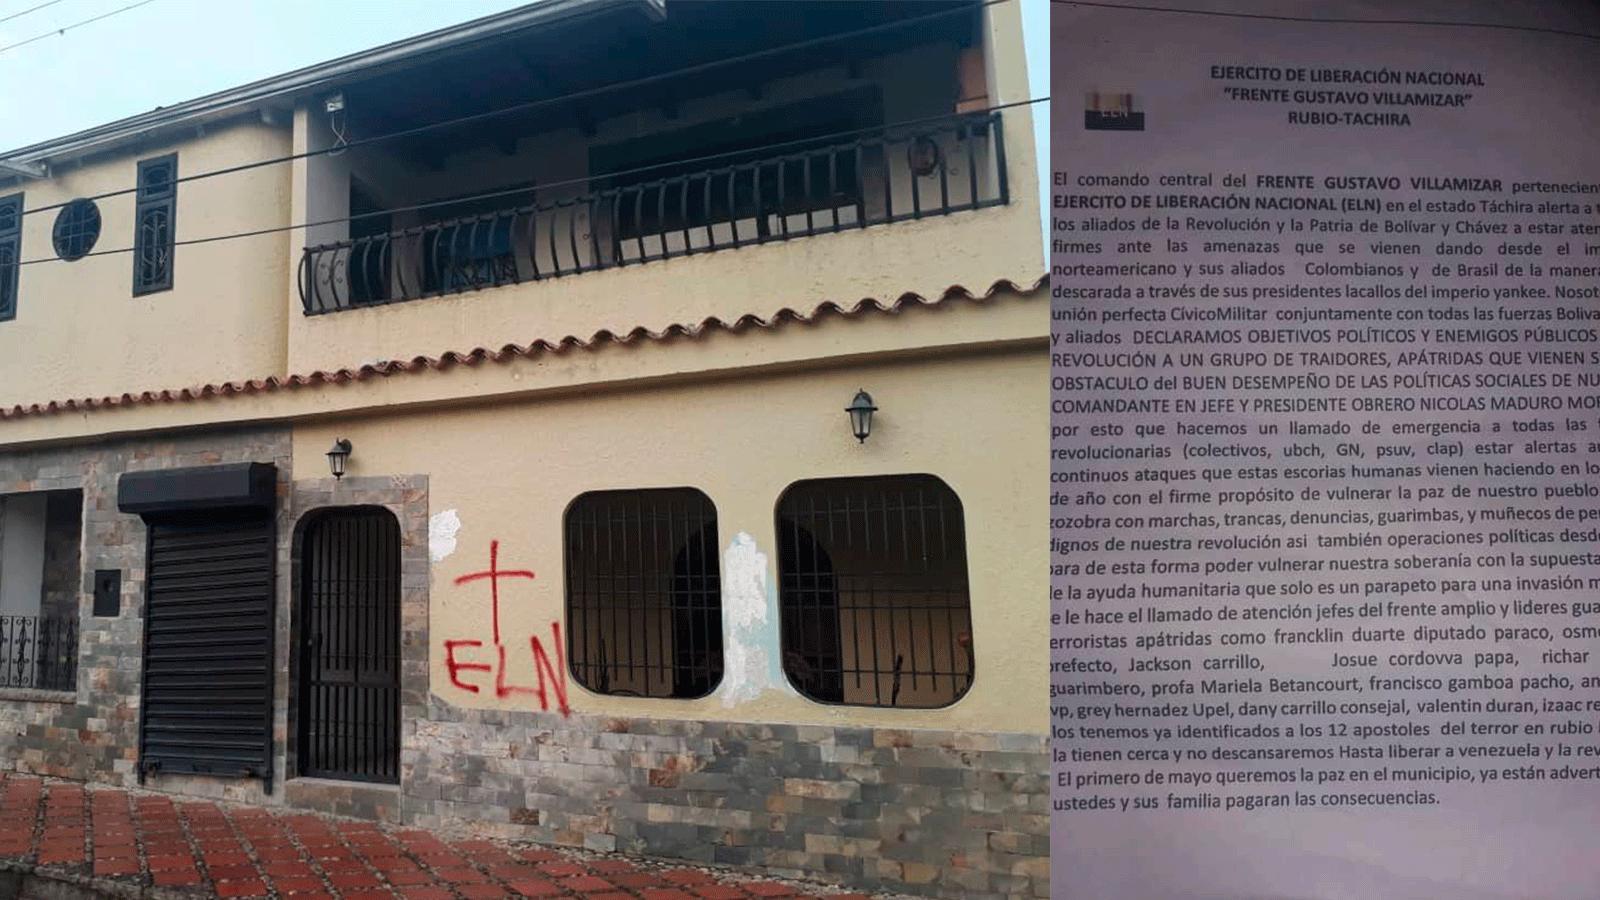 Aparecen panfletos del ELN en poblaciones venezolanas en la frontera